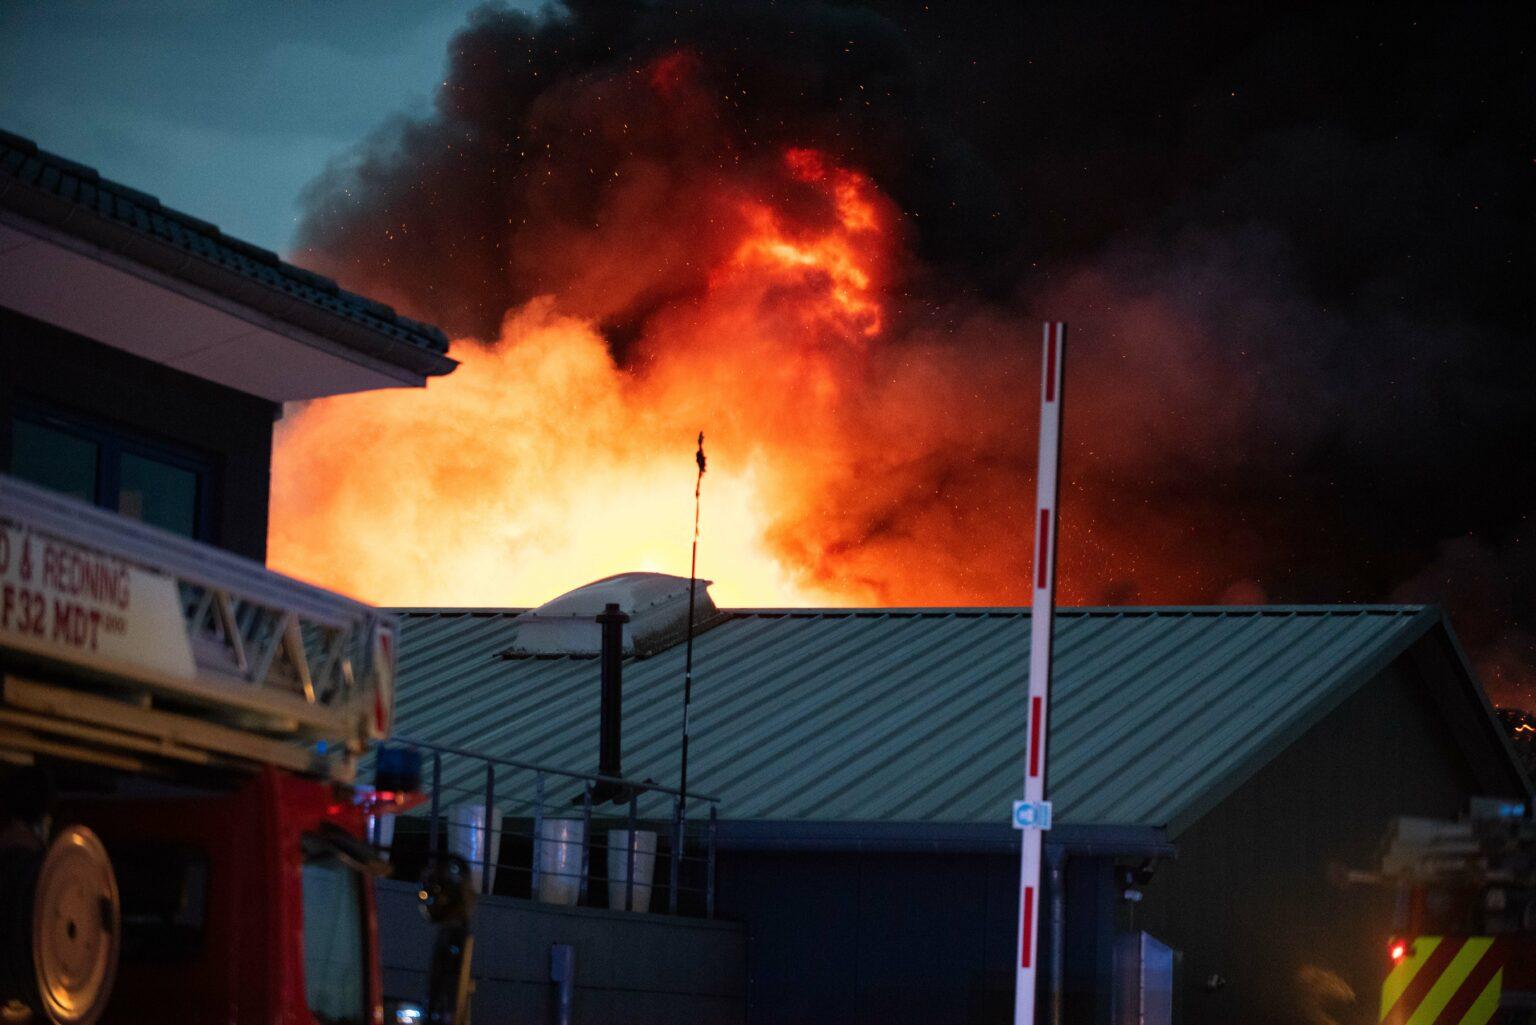 Giftig røgudvikling efter brand i Sønderborg - bliv væk